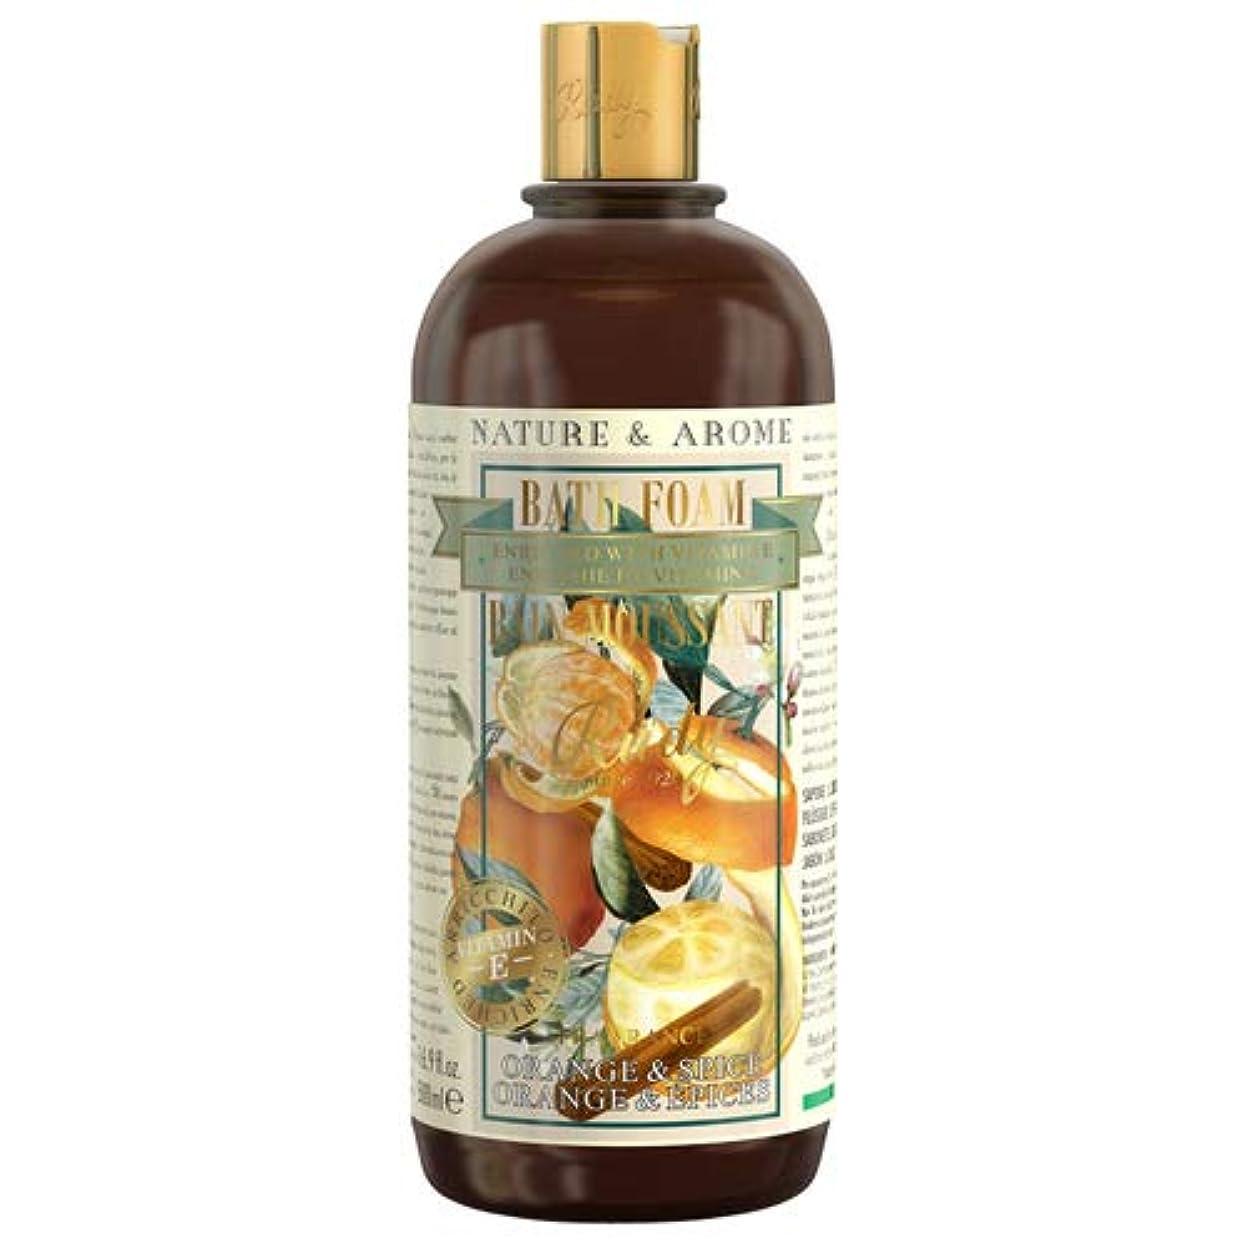 同じ裂け目臭いRUDY Nature&Arome Apothecary ネイチャーアロマ アポセカリー Bath & Shower Gel バス&シャワージェル Orange & Spice オレンジ&スパイス